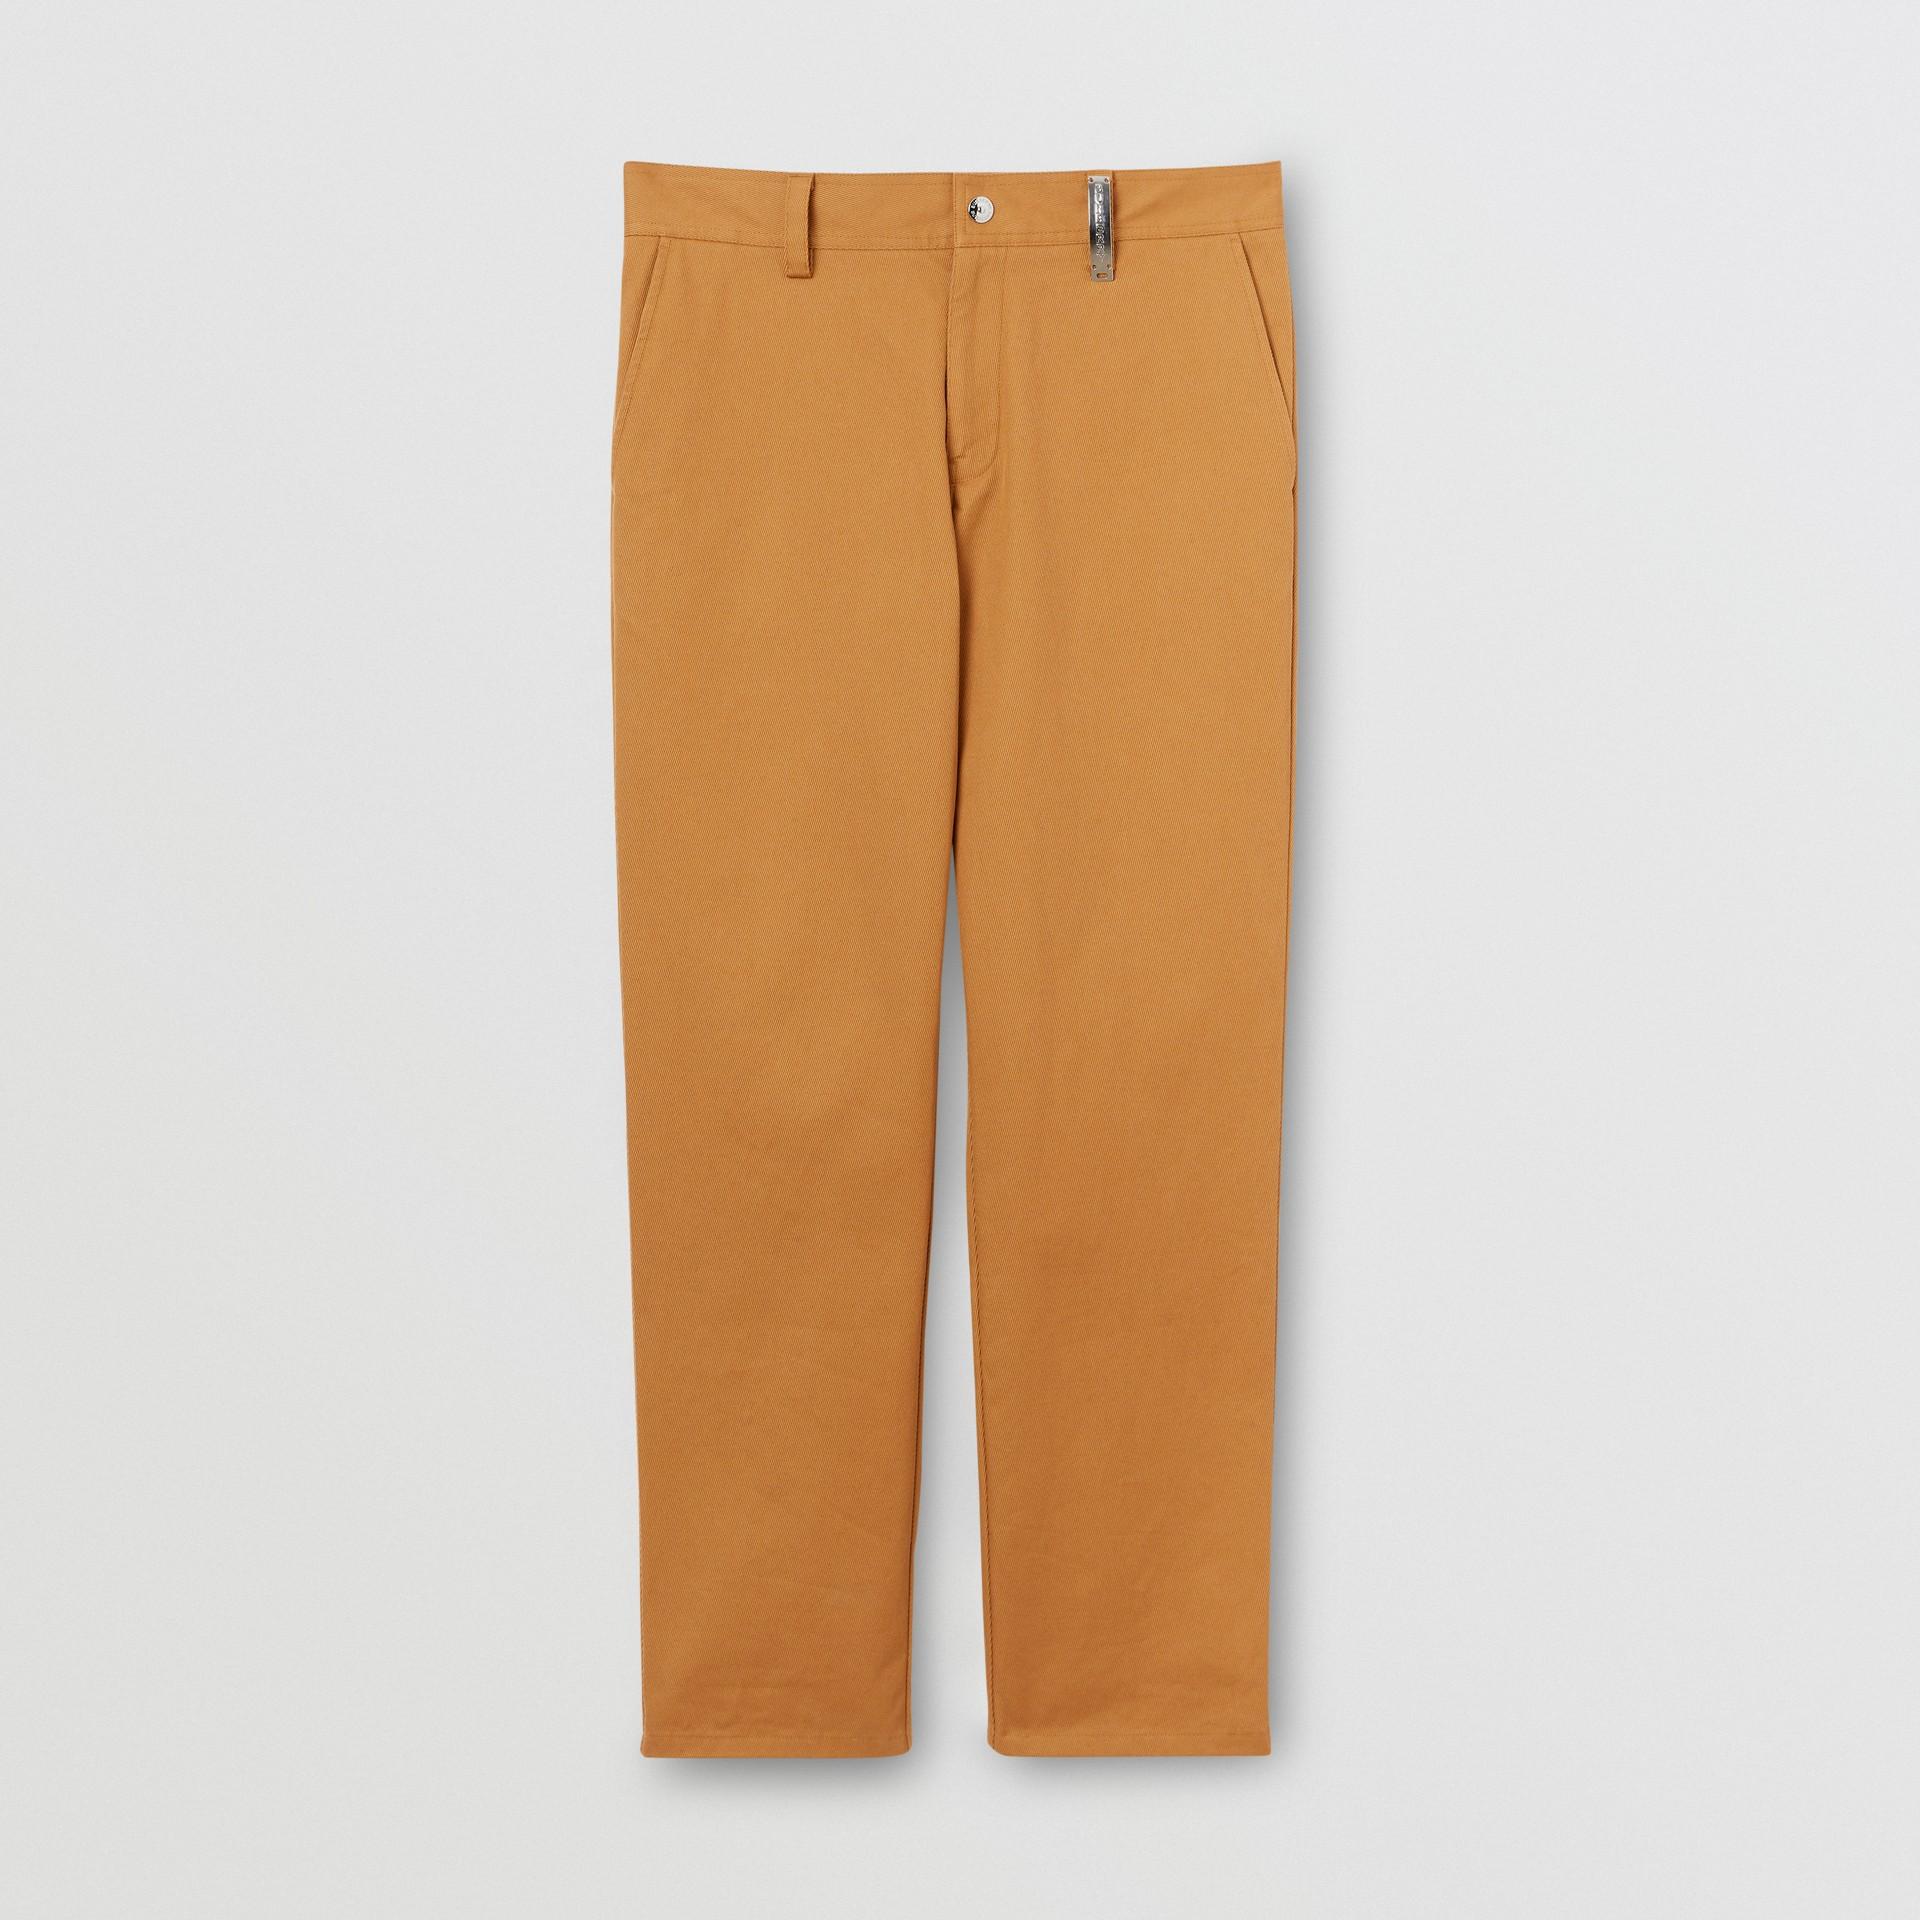 Pantalones chinos rectos en algodón con detalle de logotipo (Cámel) - Hombre | Burberry - imagen de la galería 3